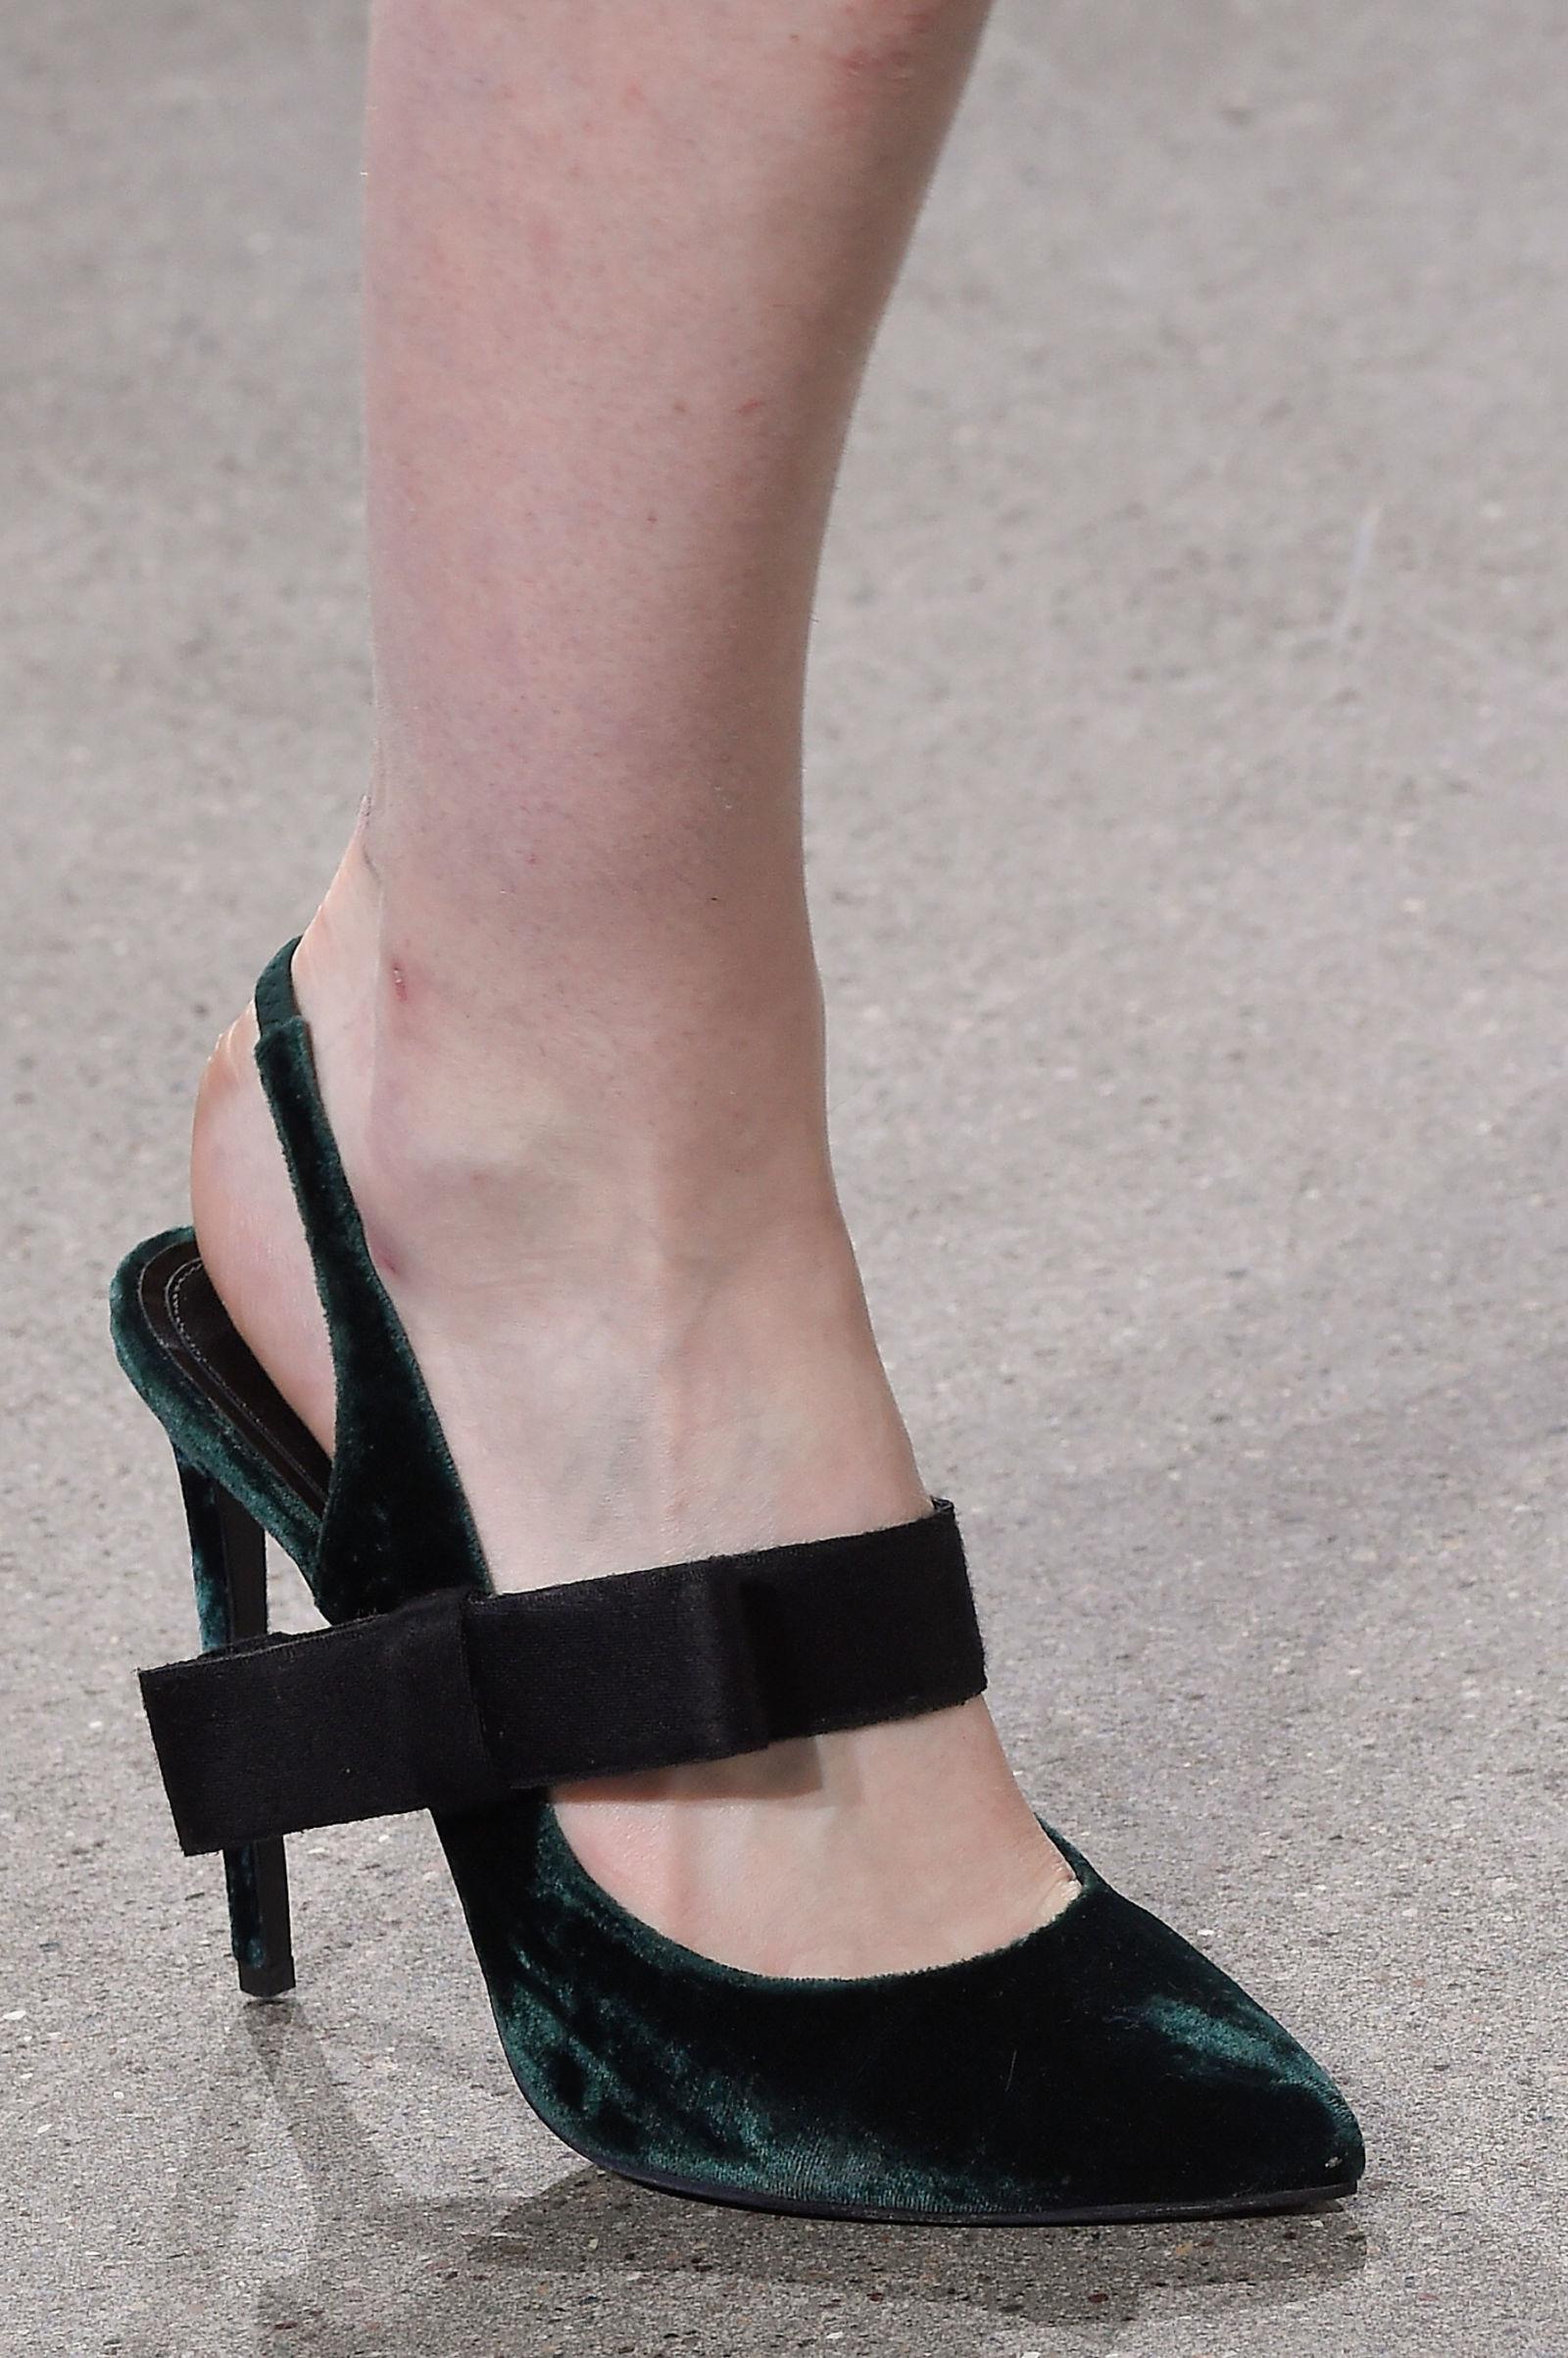 Туфли Jason Wu на неделе моды осень-зима 2016-2017 в Нью-Йорке